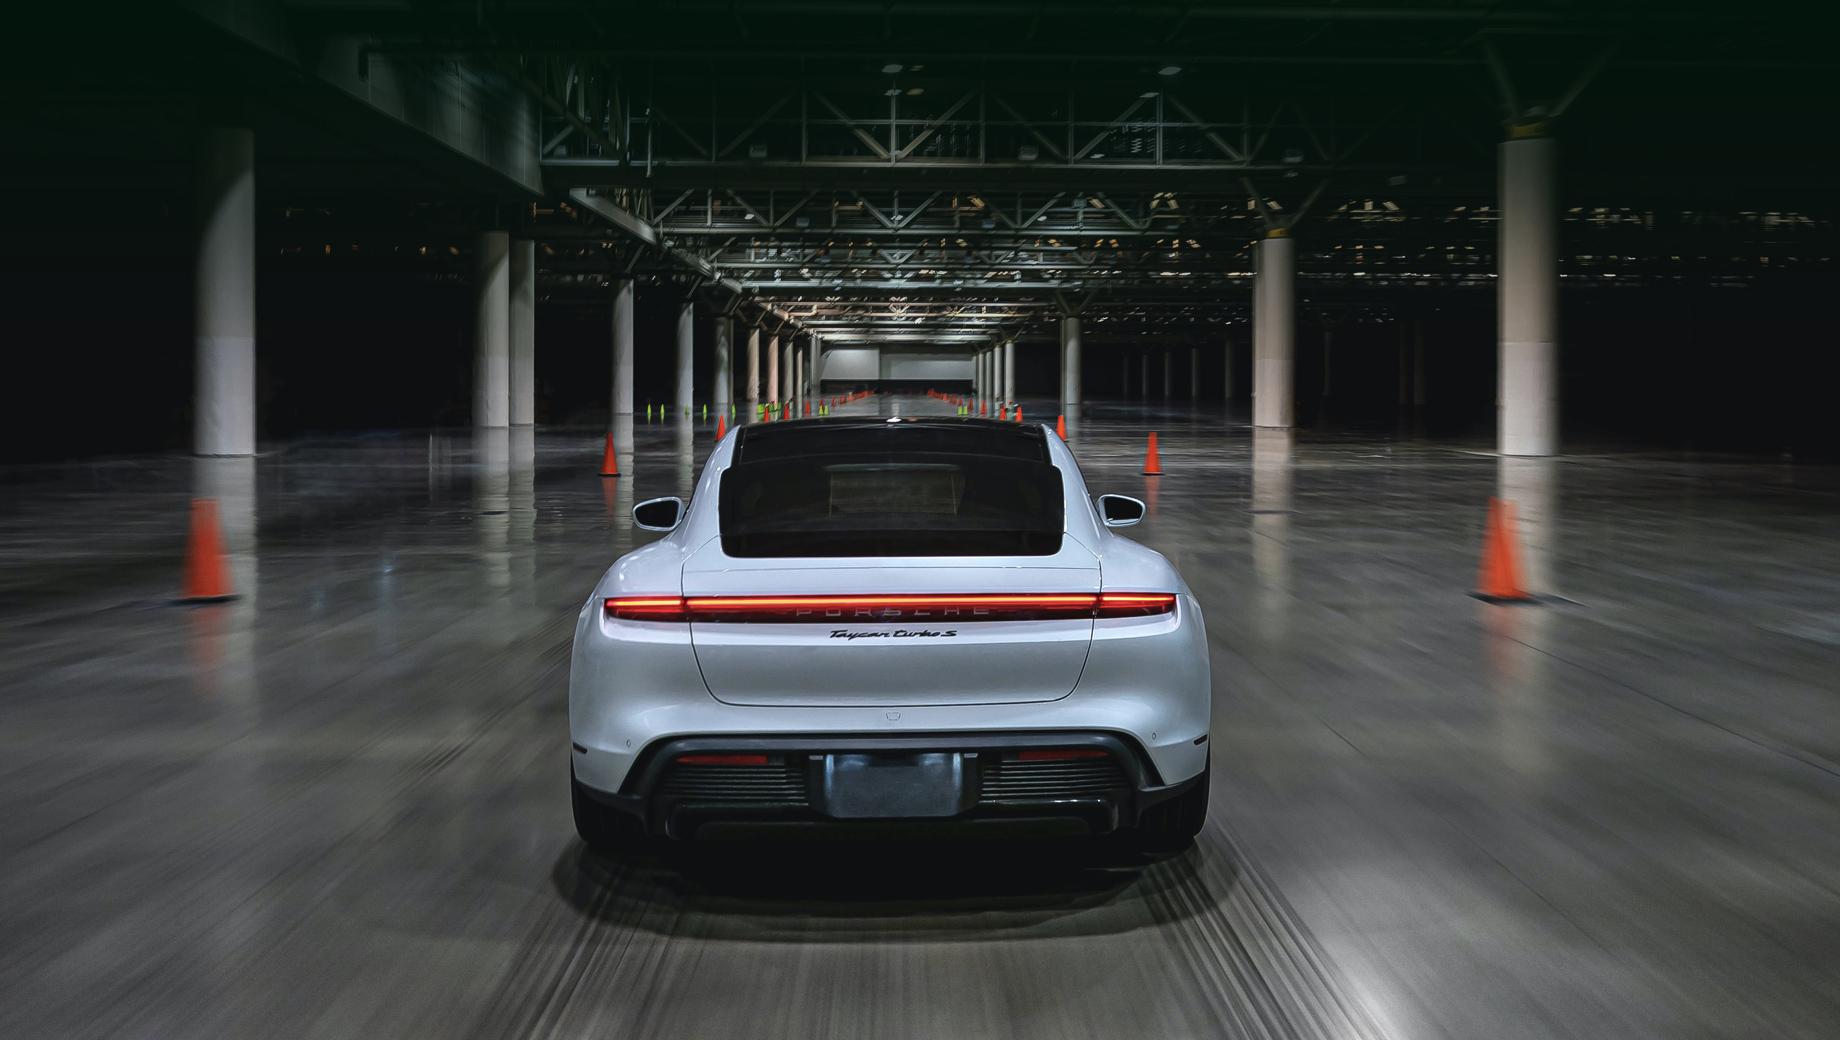 Porsche taycan,Porsche taycan cross turismo. Пиковая отдача электромоторов Тайкана Turbo S составляет 761 л.с., 1050 Н•м, а ускорение с нуля до ста занимает 2,8 с.